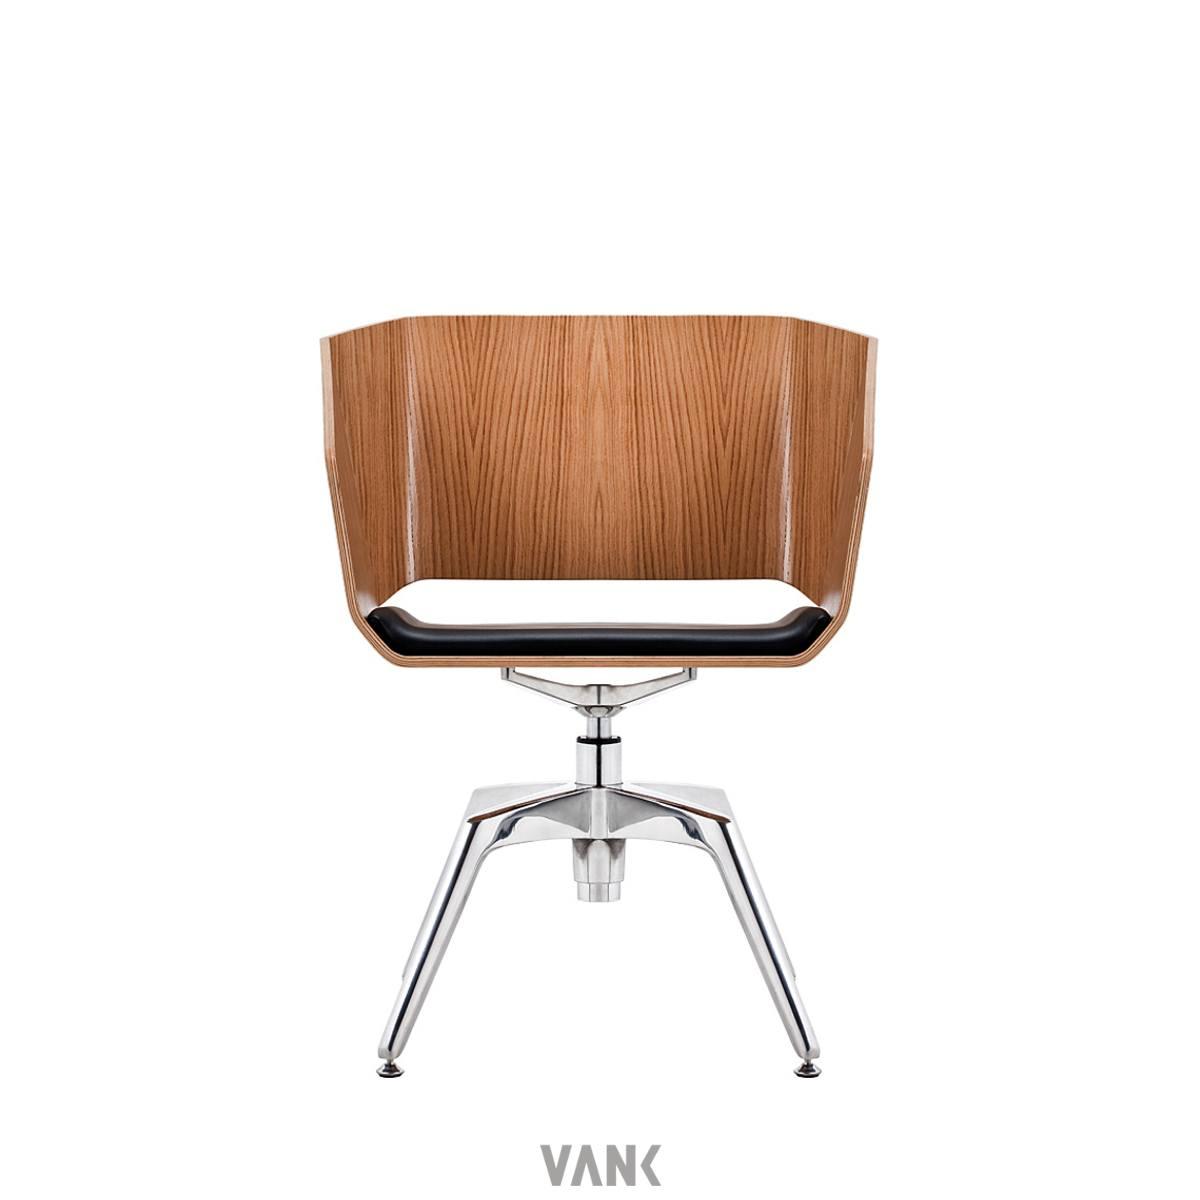 VANK-woodi (1)